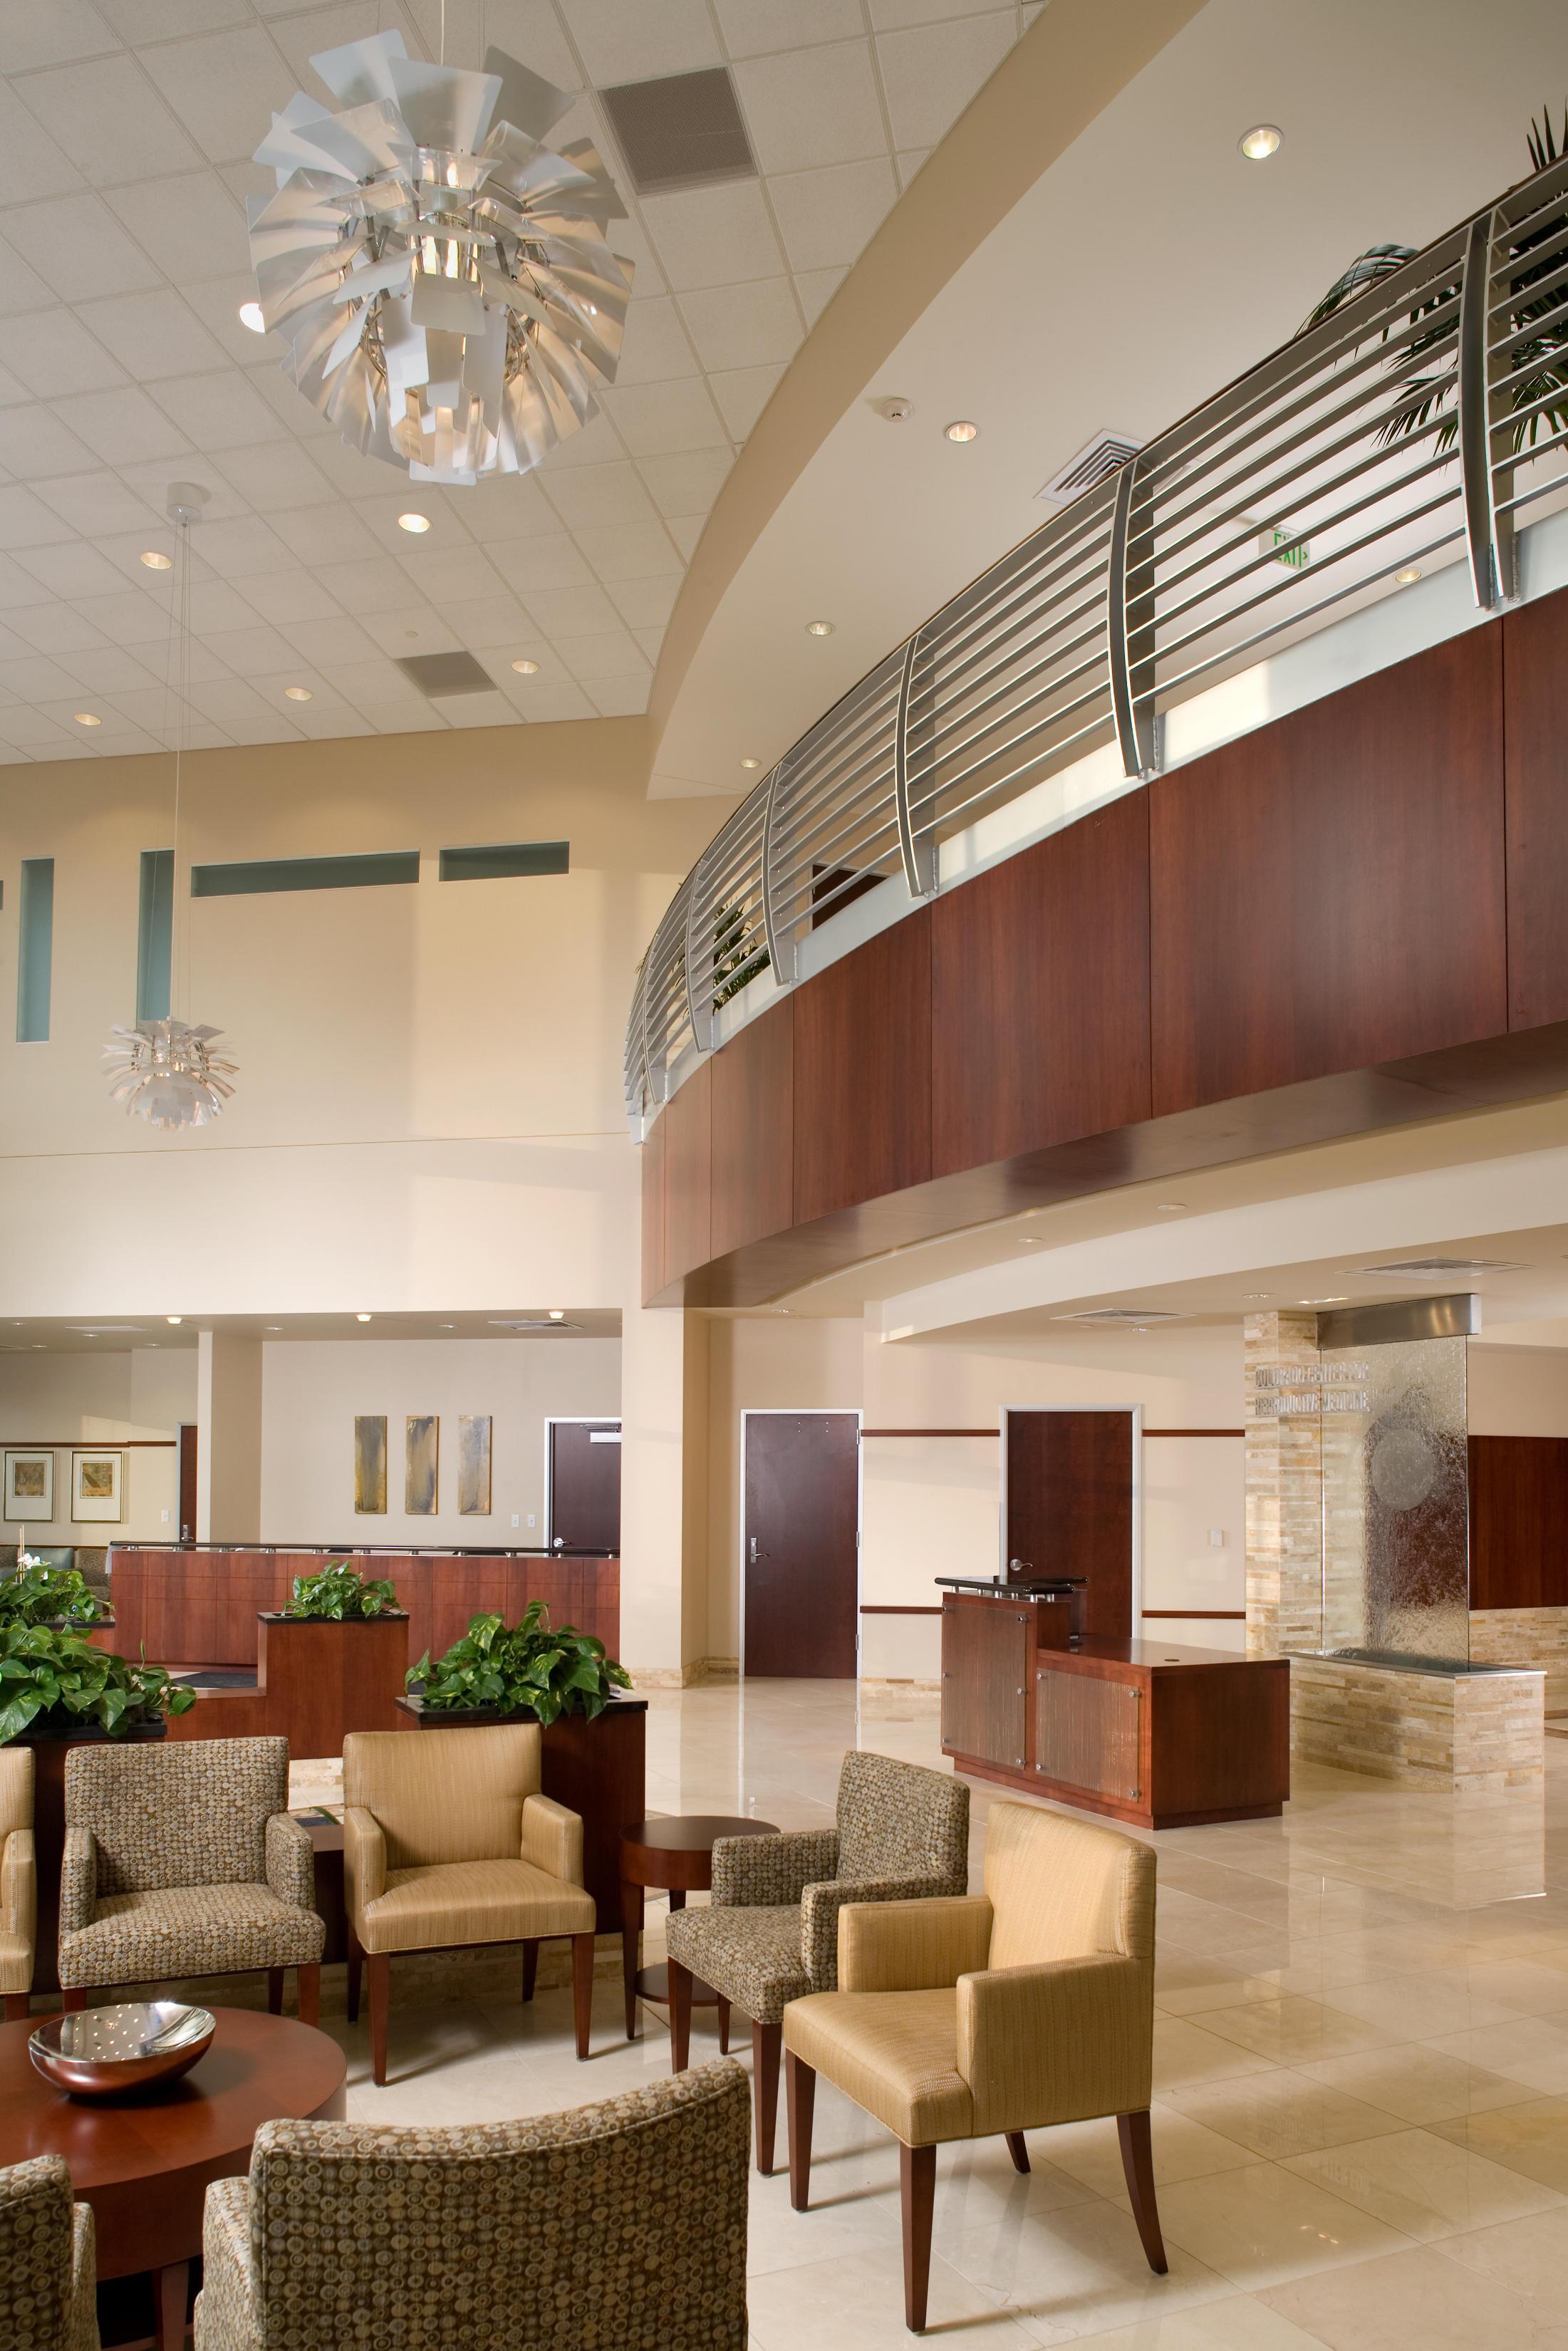 Colorado Center for Reproductive Medicine (CCRM)